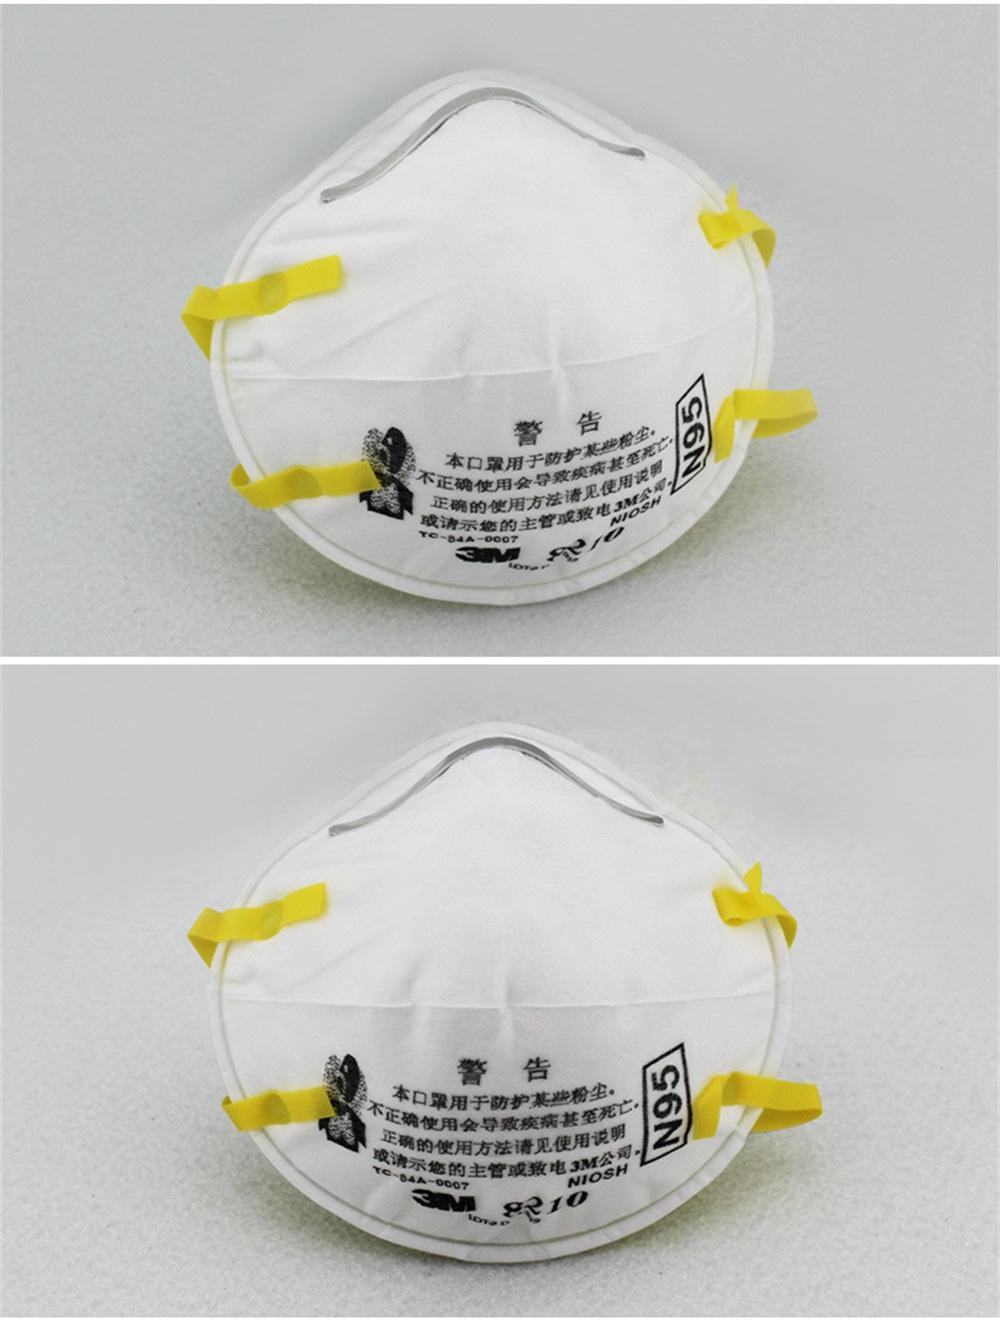 KN95 3M 8210CN Disposable KN95 Face Mask Flu Particulate Respirator Filter Dustproof Safe Guard 20pcs 0